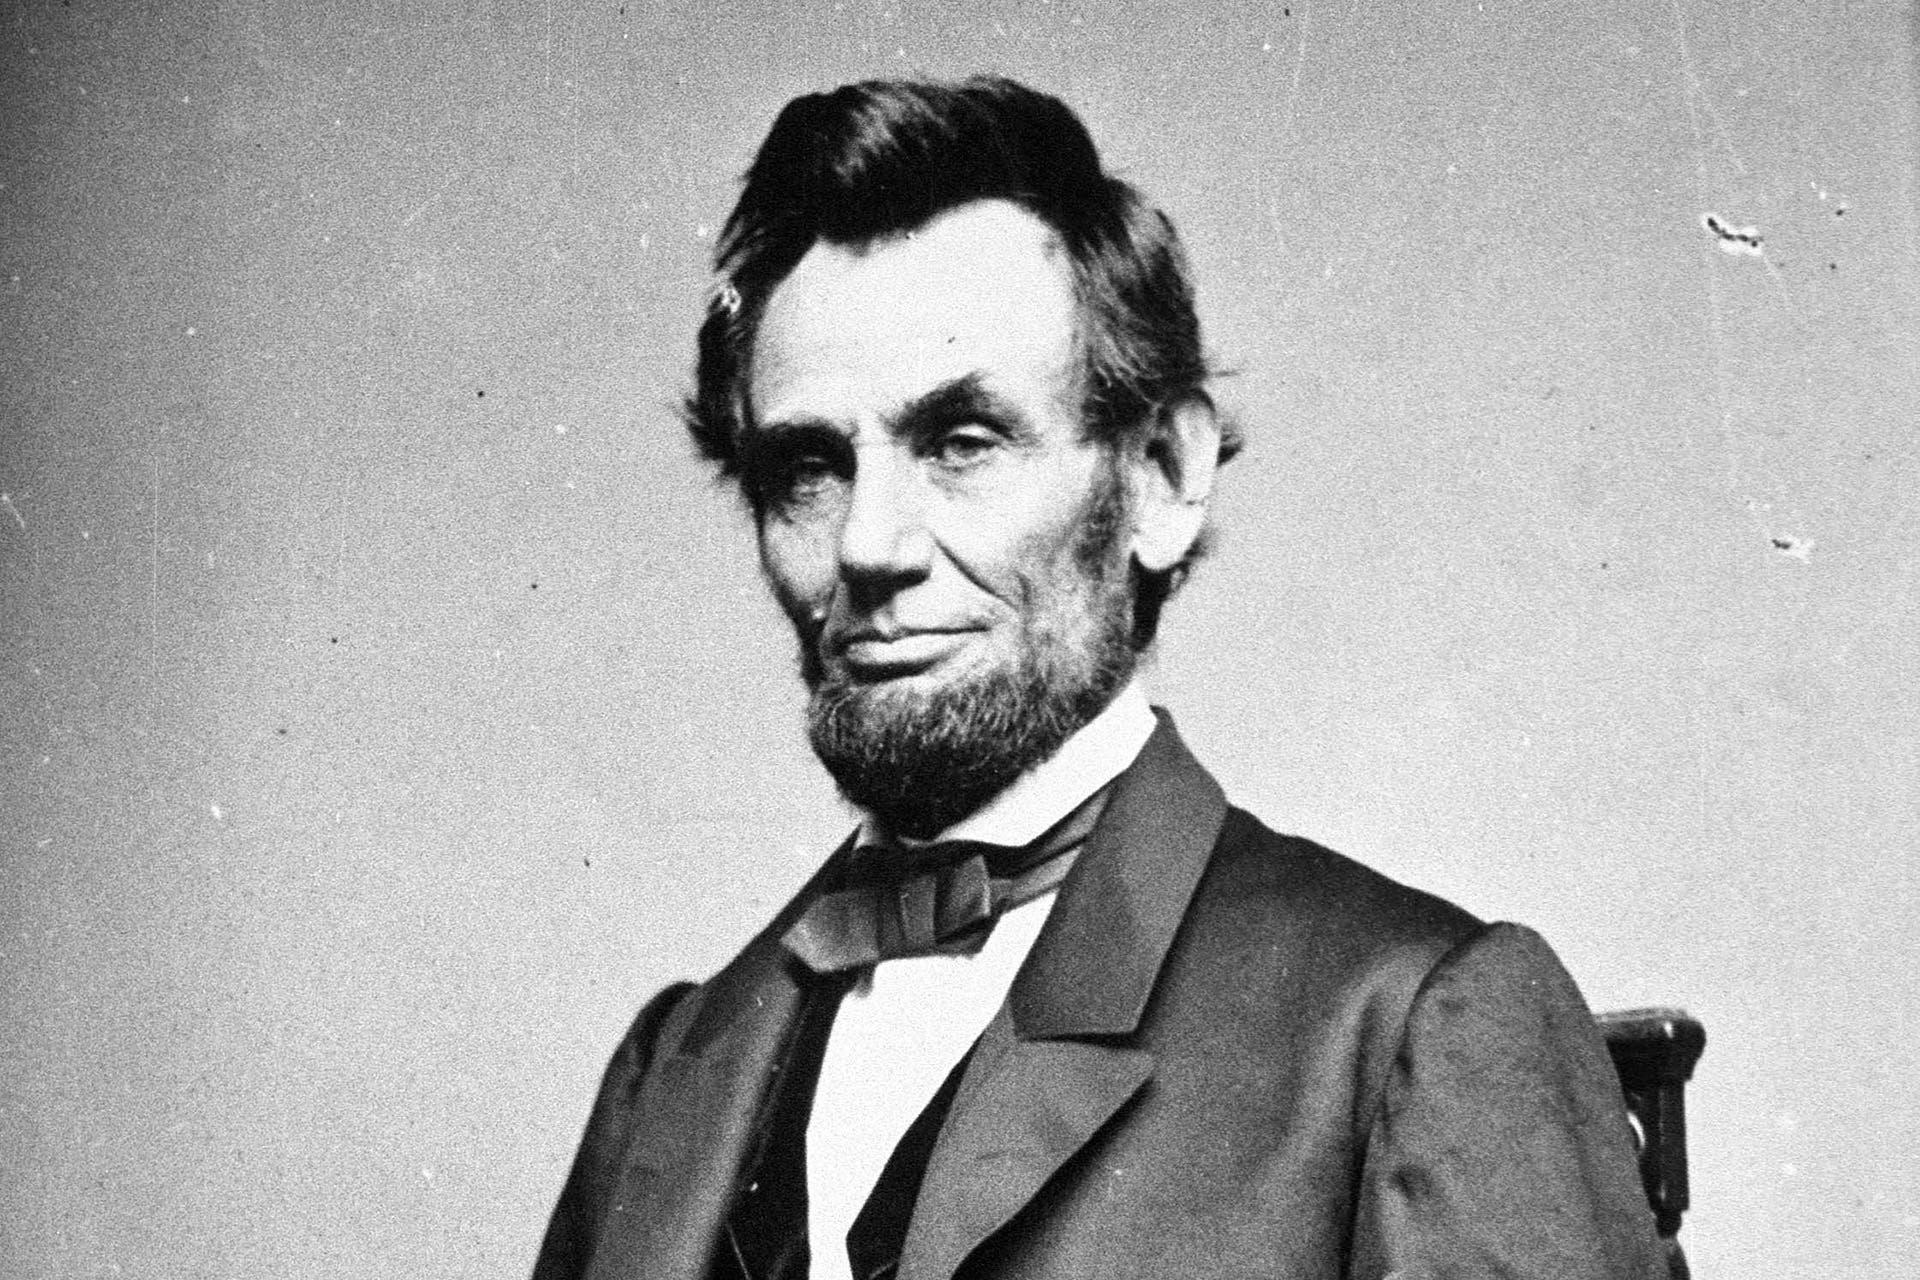 صورة للرئيس الأميركي أبراهام لنكولن